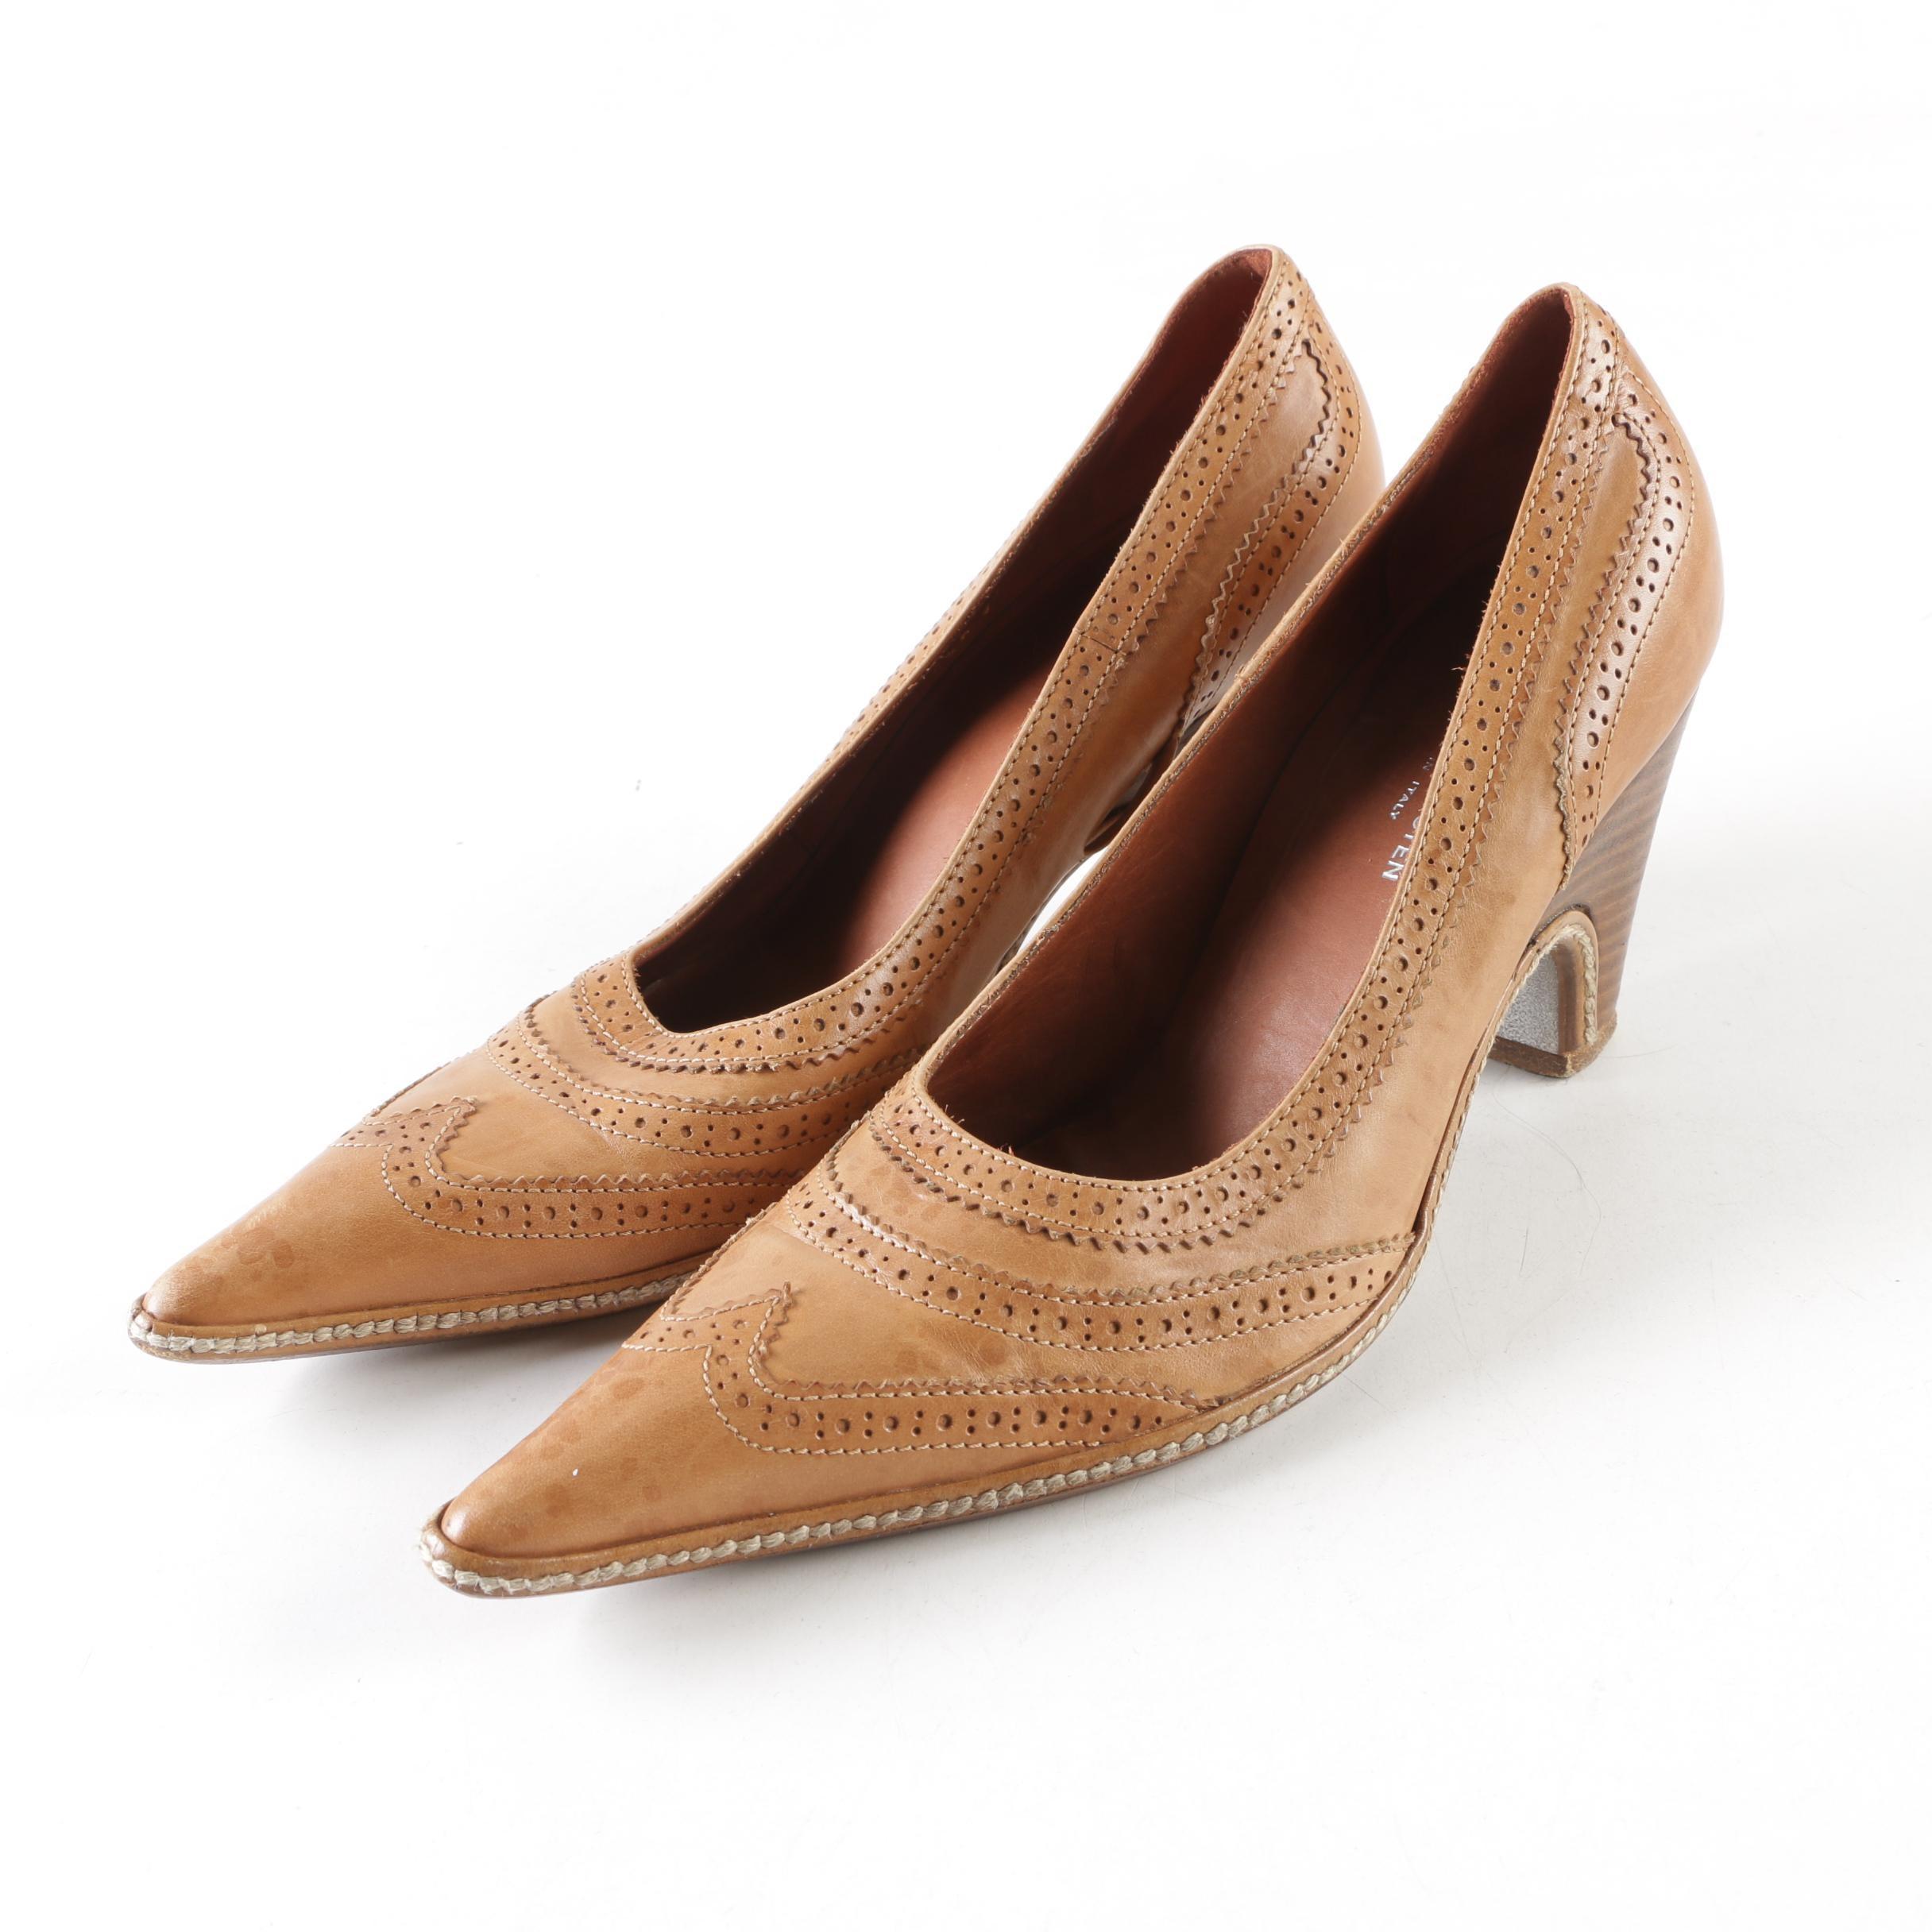 Dries Van Noten Wingtip-Style Leather Heels, Made in Italy